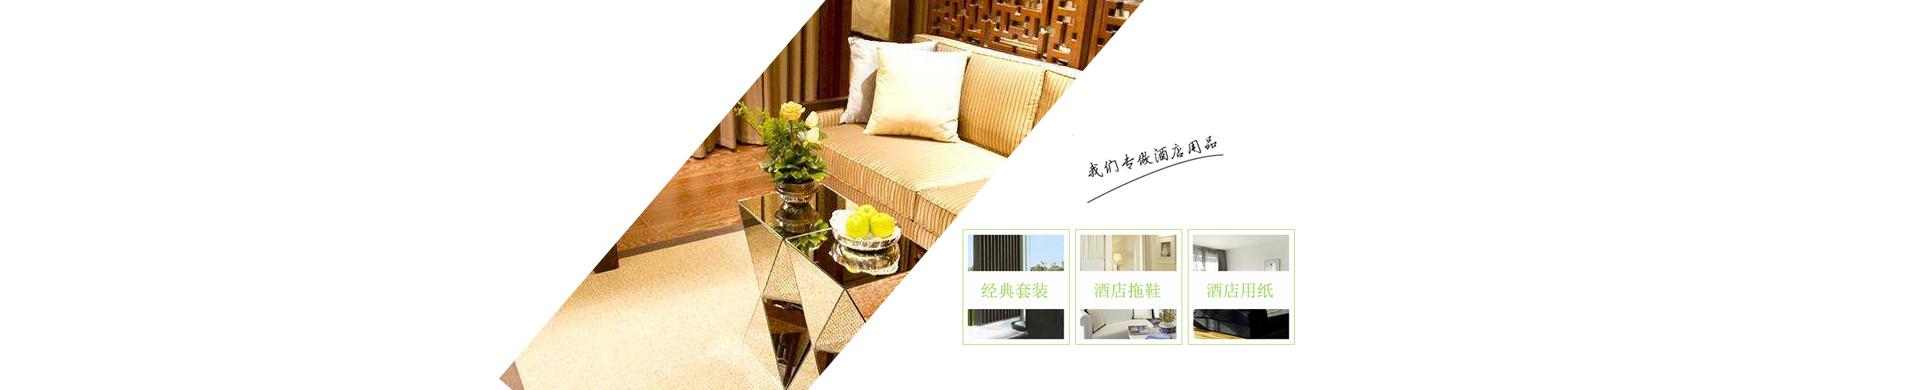 中国酒店沐浴用品交易网